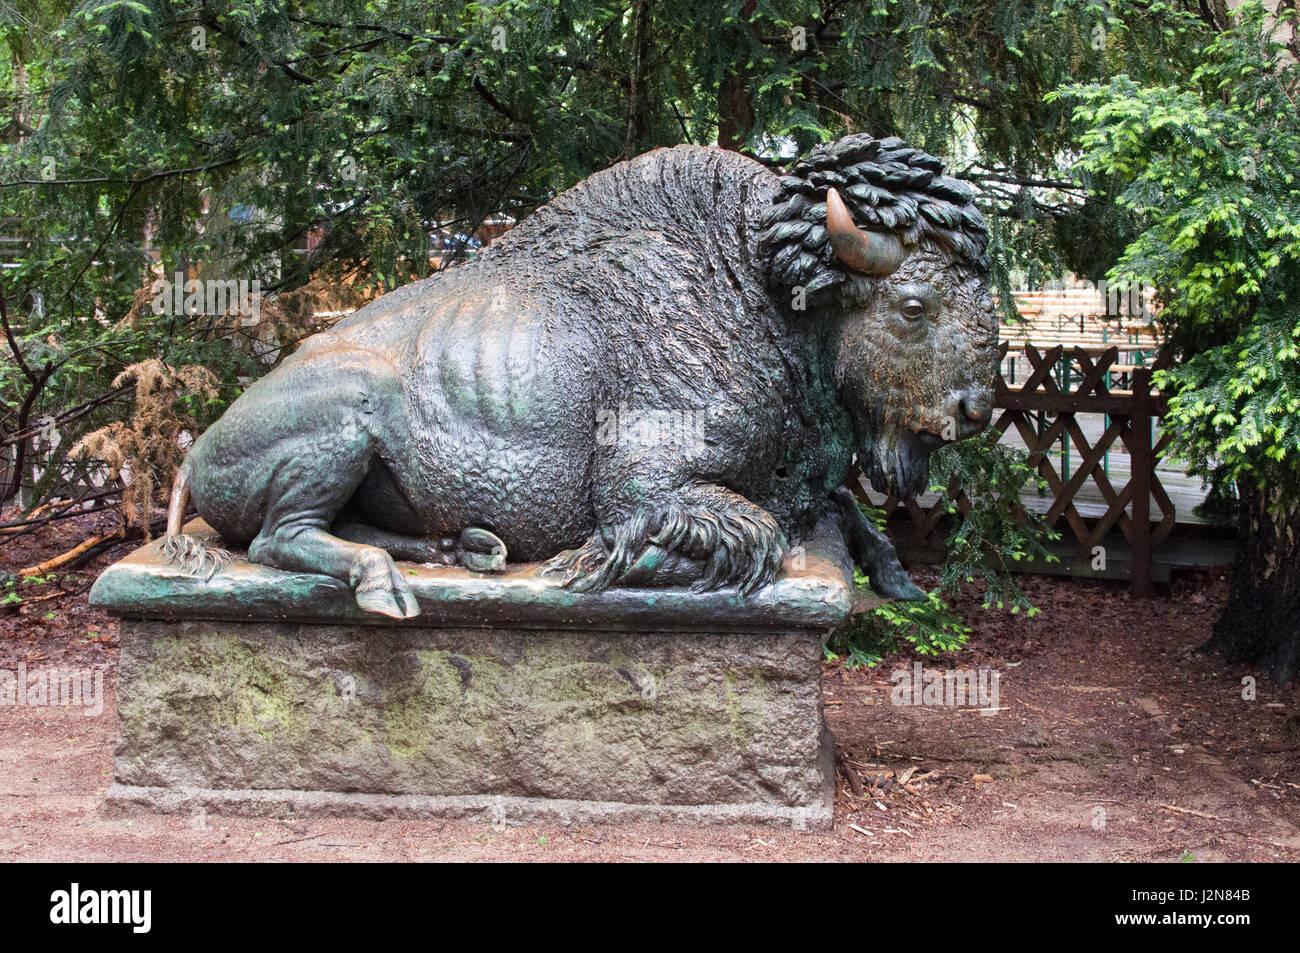 Bison-Skulptur von Rudolf Siemering im Großen Tiergarten, Berlin - Stock Image